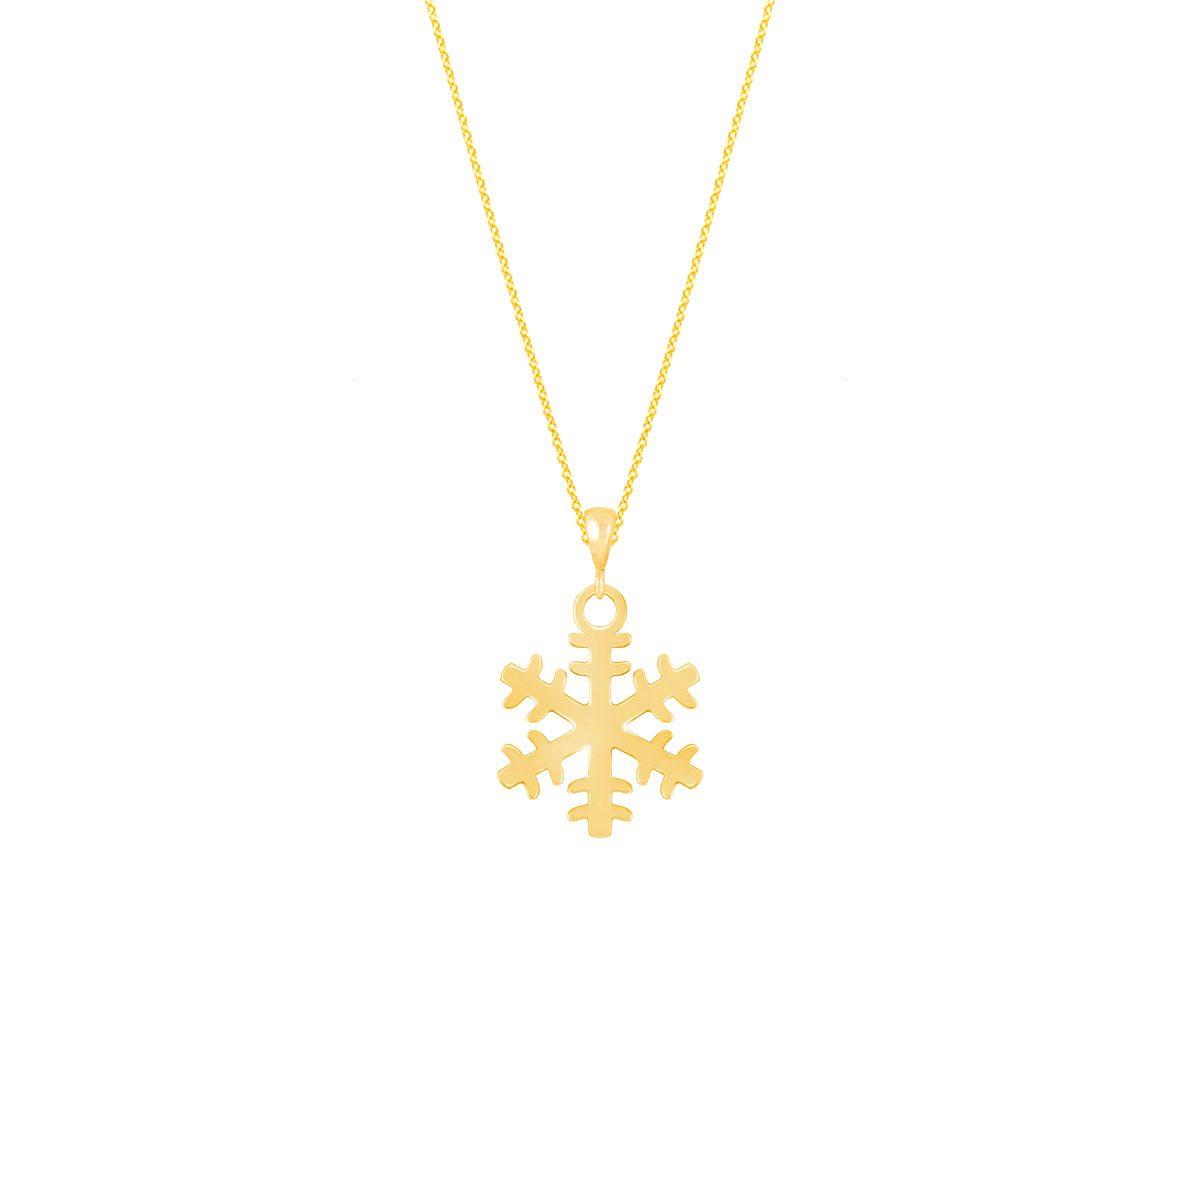 گردنبند طلا برف |parasteh